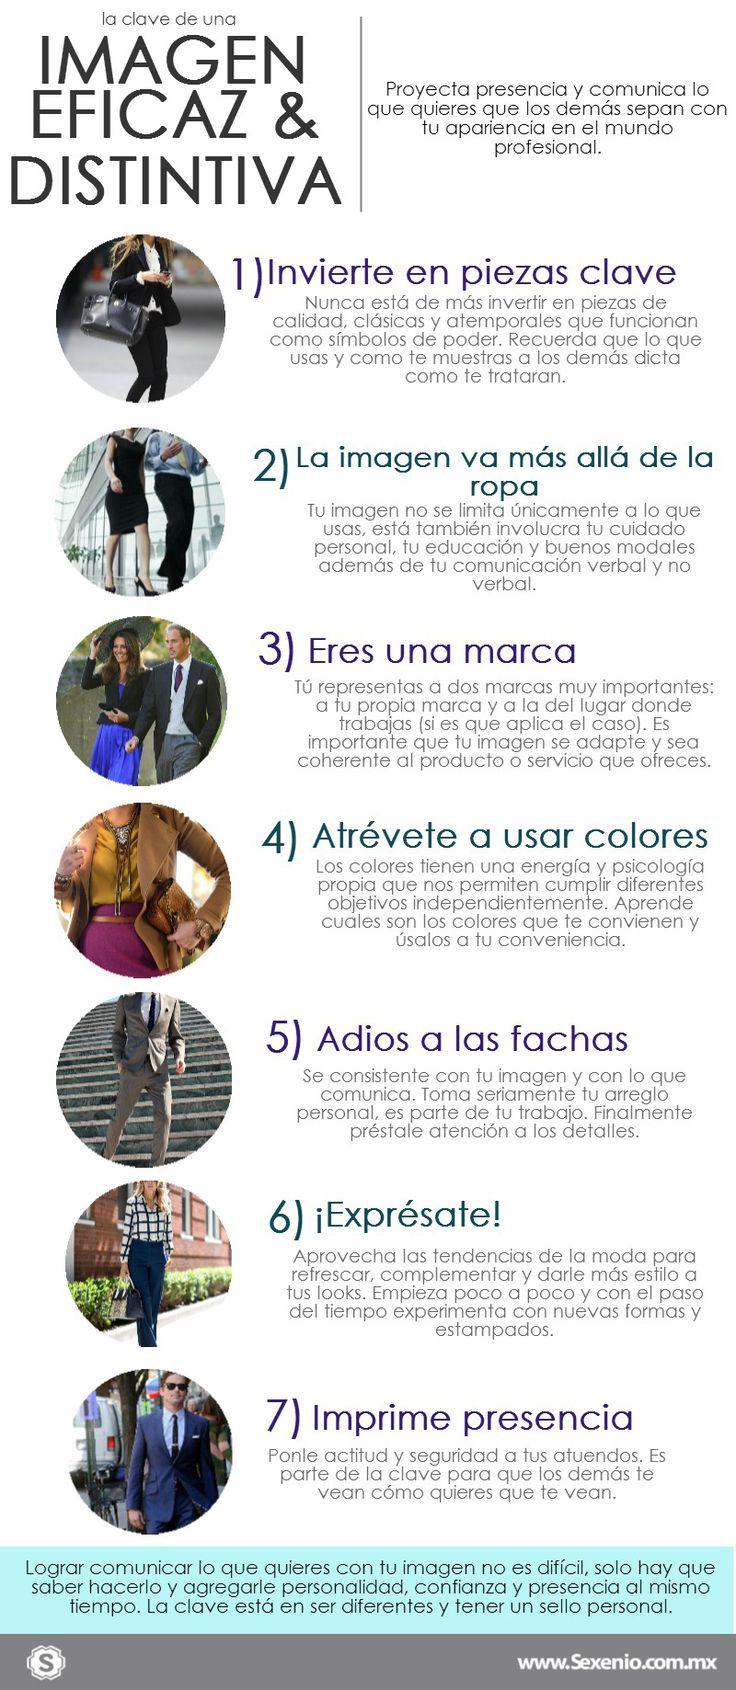 La clave para proyectar una imagen eficaz, eficiente y distintiva se resume en estos 10 consejos.